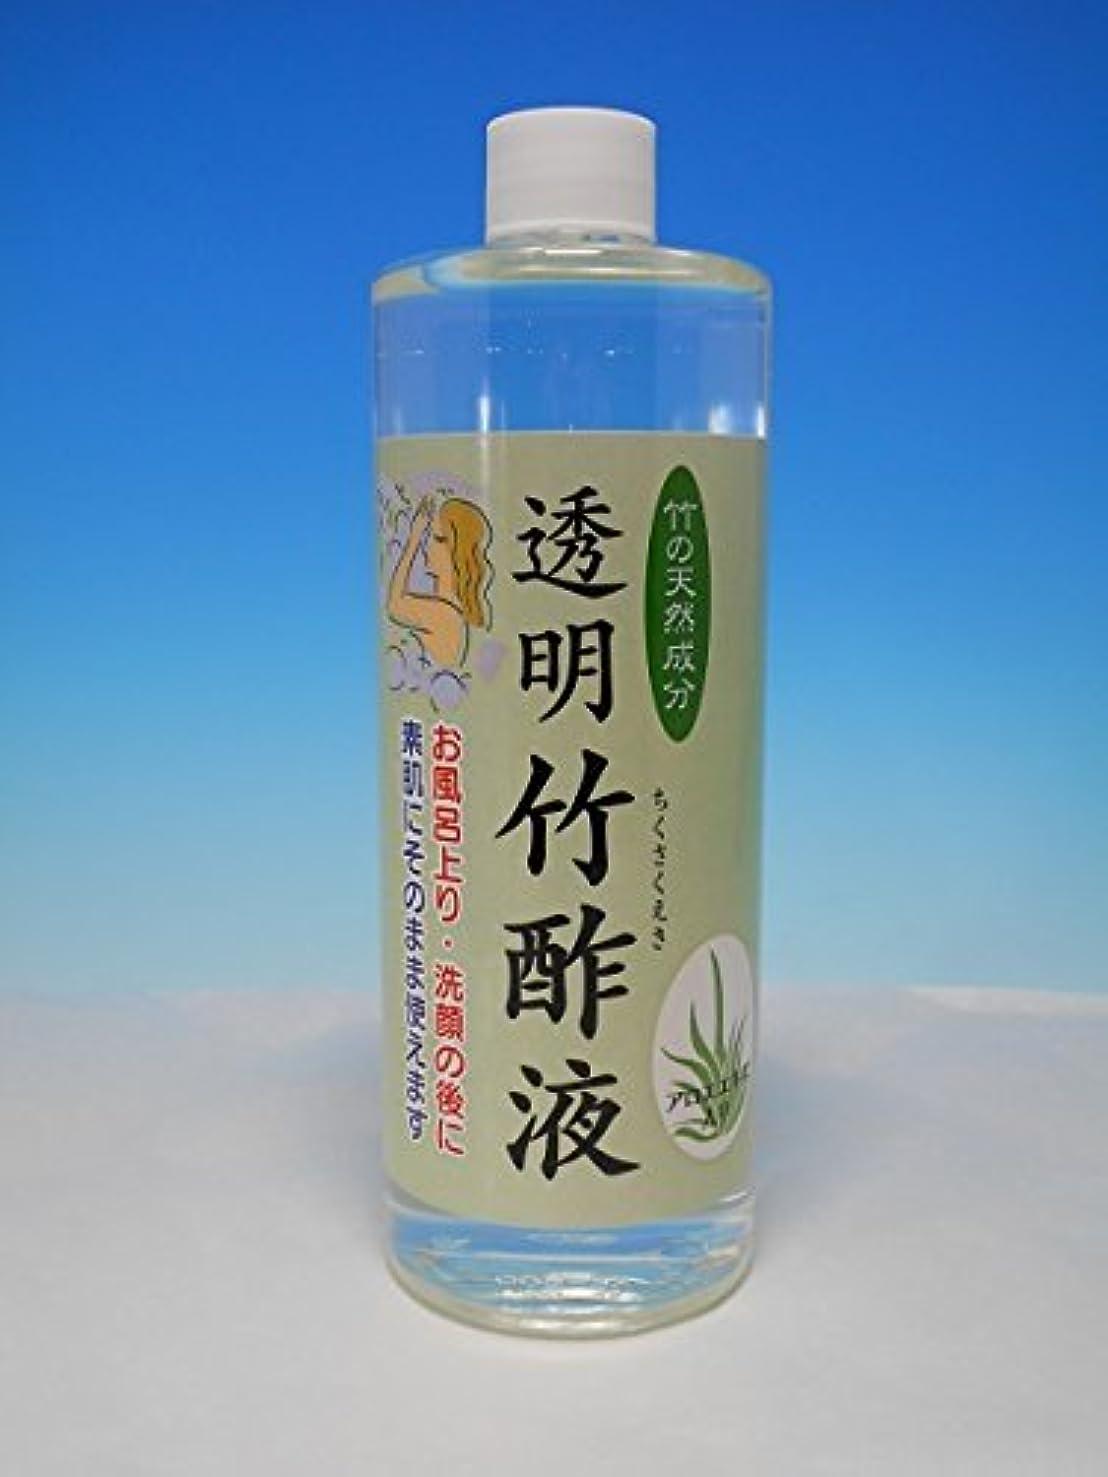 禁じる保安パンフレット透明竹酢液 500ml 素肌に使える化粧水タイプの竹酢液